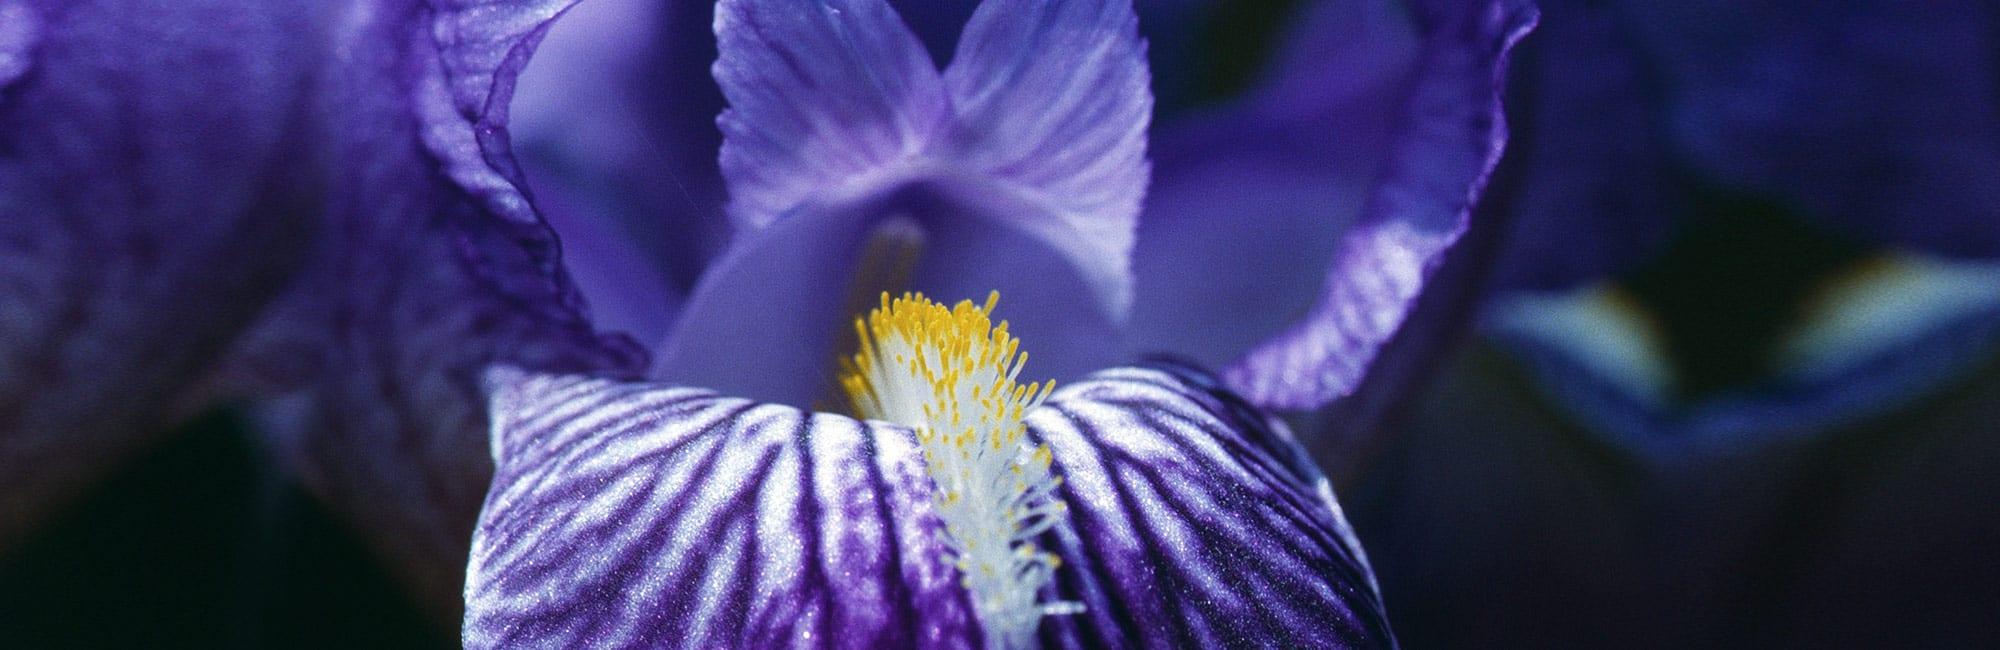 01-Schwertlilie-blau-Blume-Naturheilpraxis-Margret-Madejsky-Muenchen